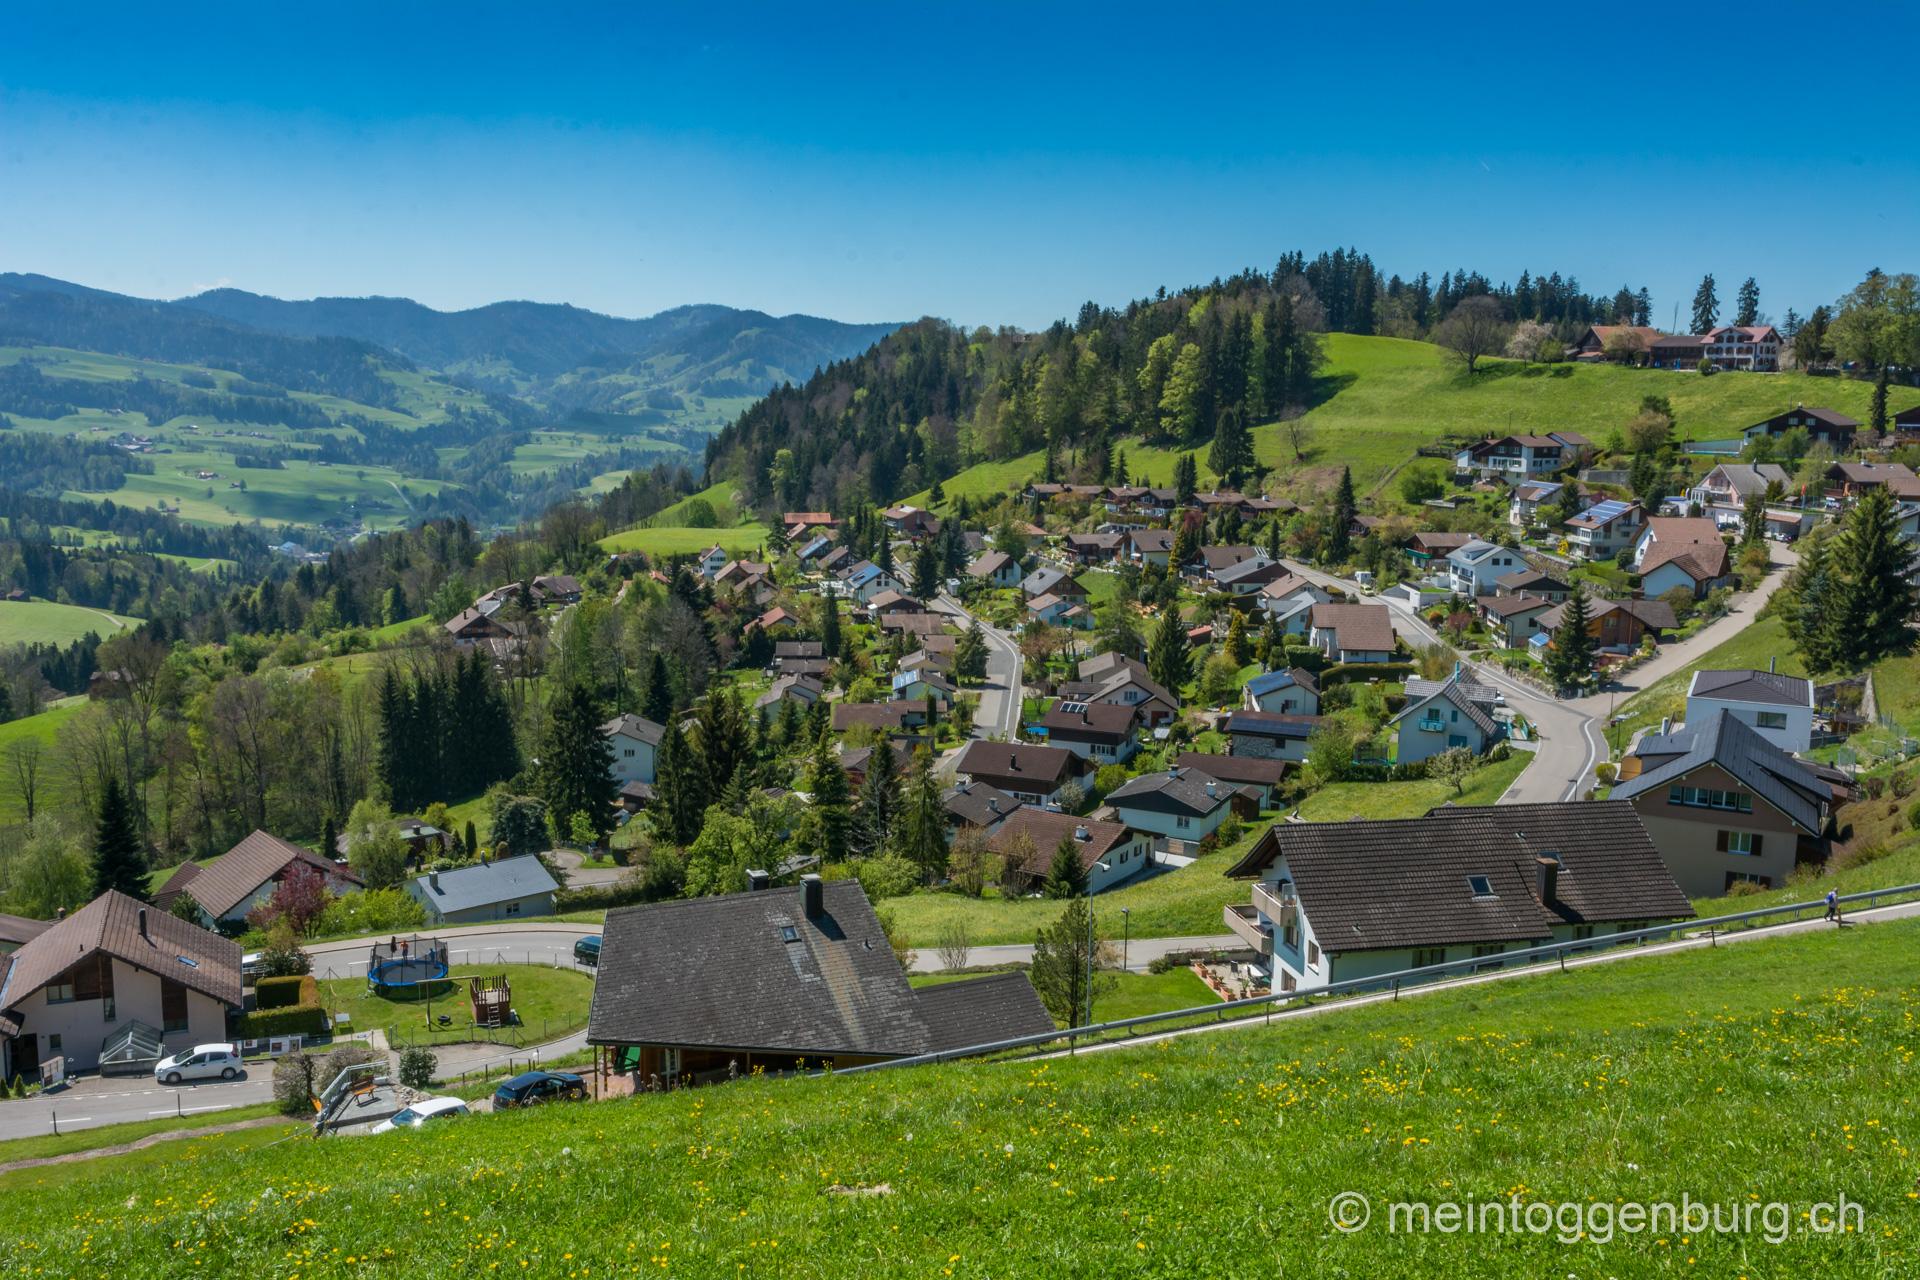 Kneippweg Oberhelfenschwil